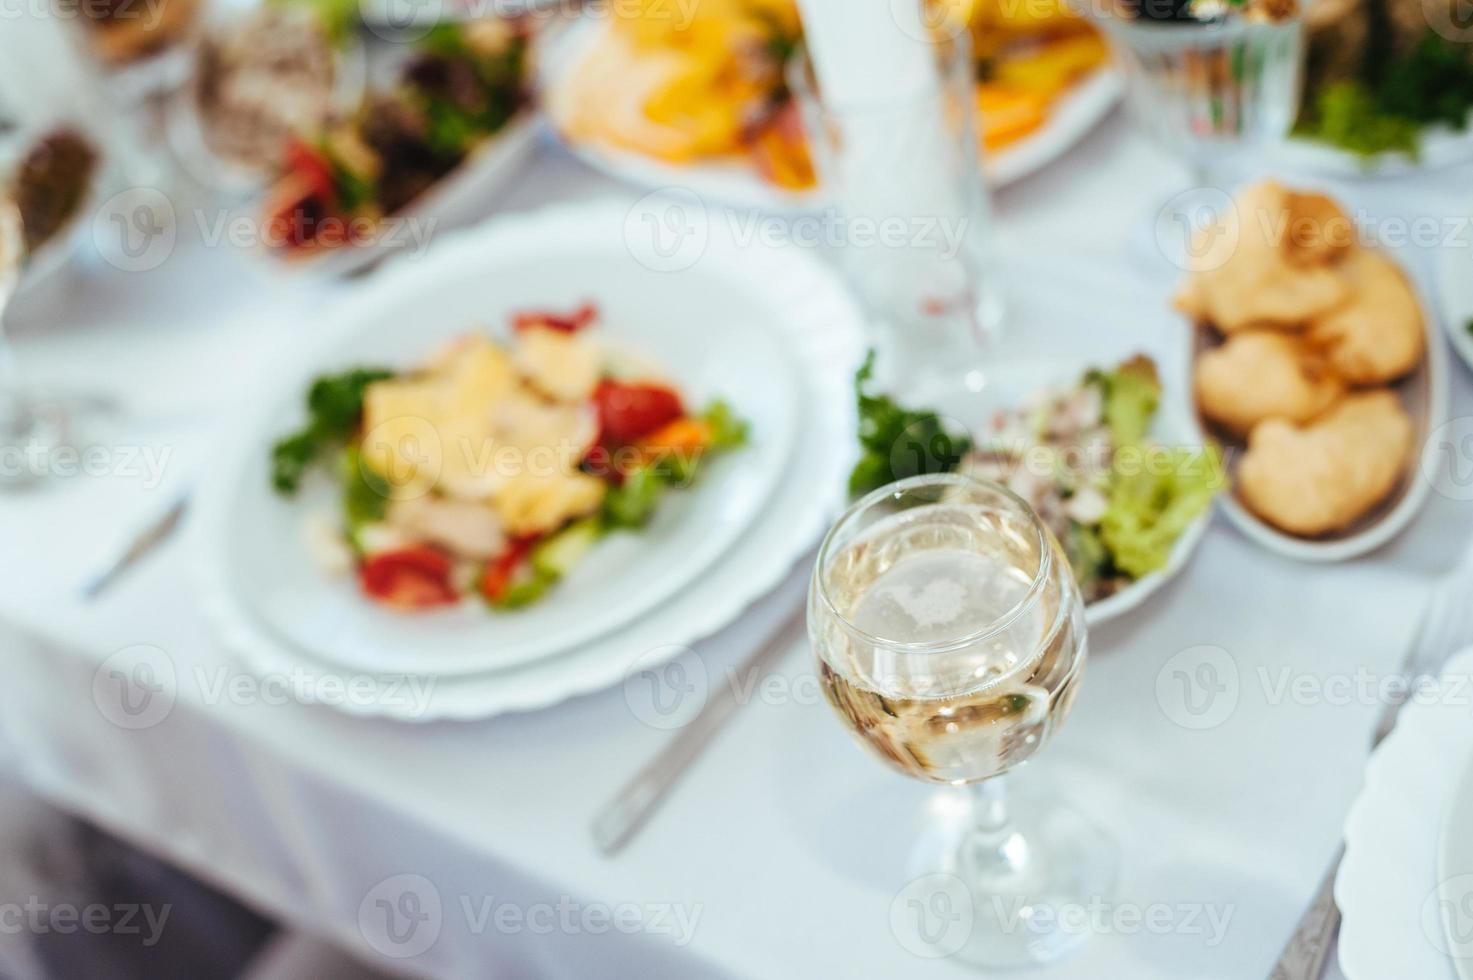 serviço de mesa de catering com talheres e taças de vidro em foto